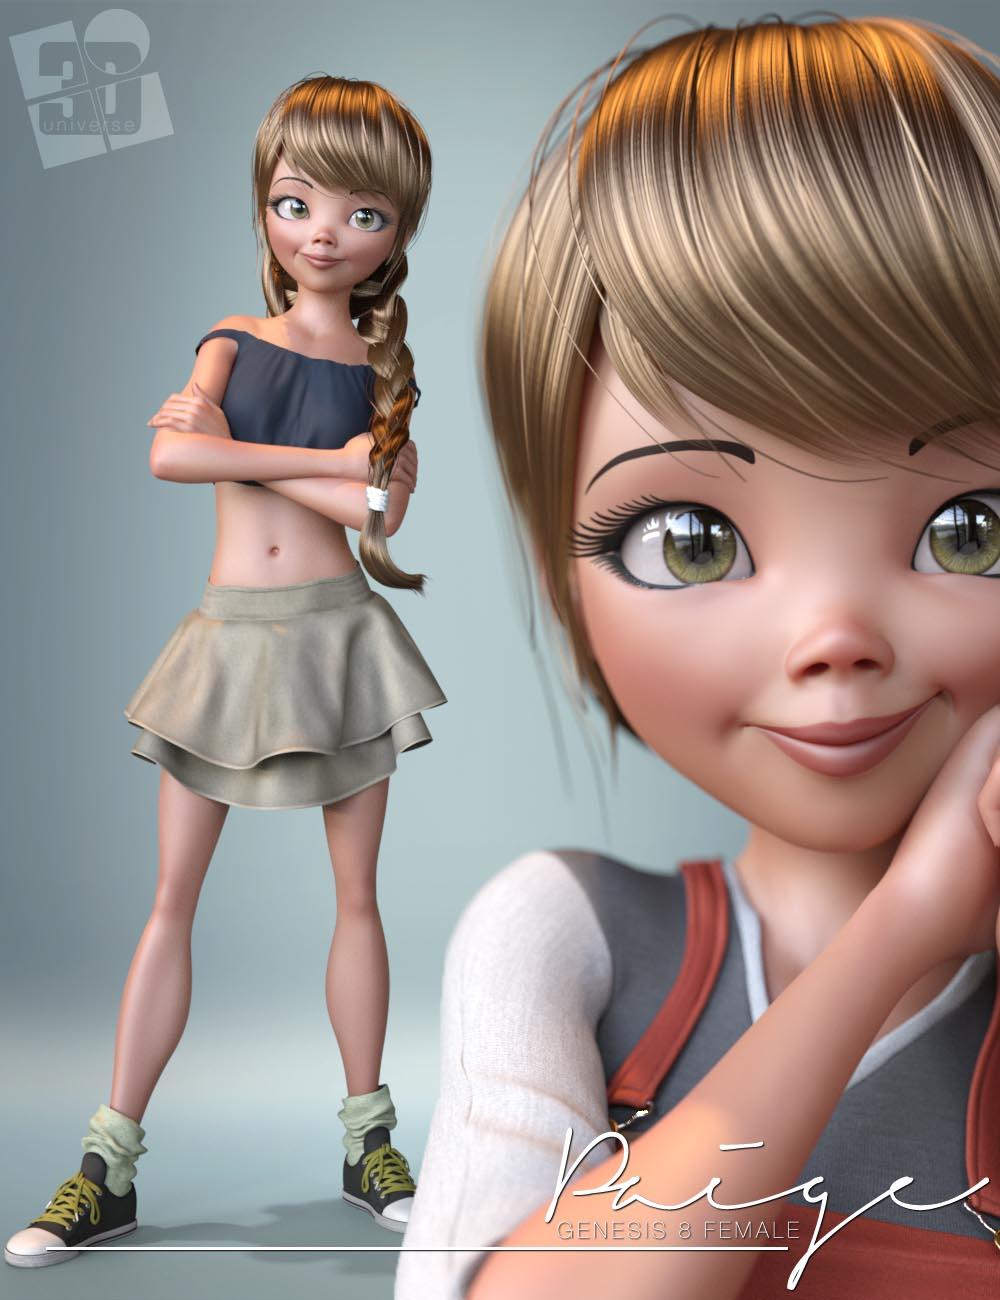 Paige Bundle for Genesis 8 Female(s) by: 3D Universe, 3D Models by Daz 3D